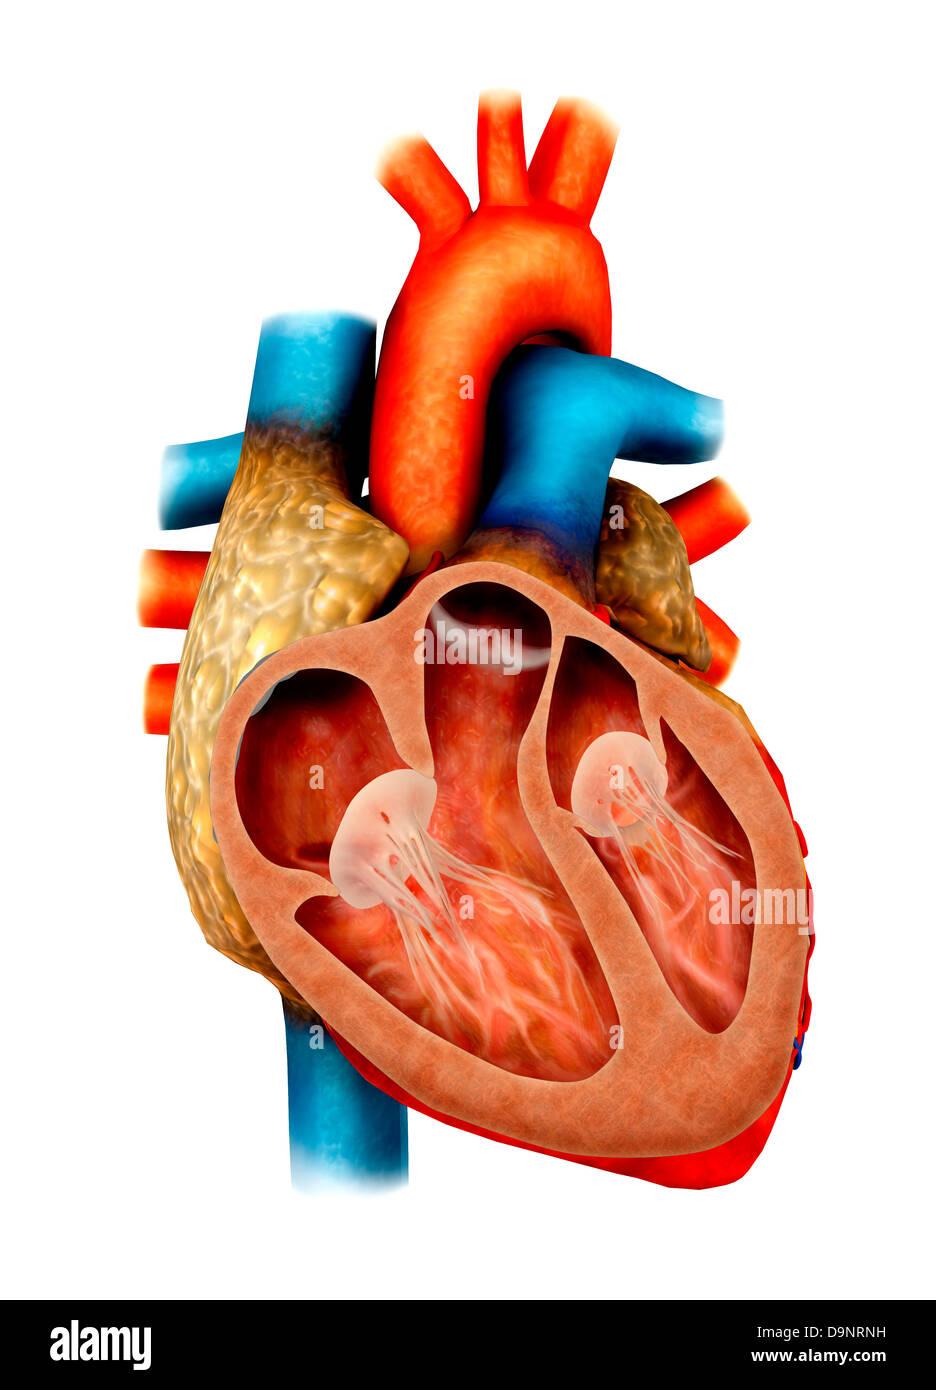 Anatomie des menschlichen Herzens, Querschnitt Stockfoto, Bild ...